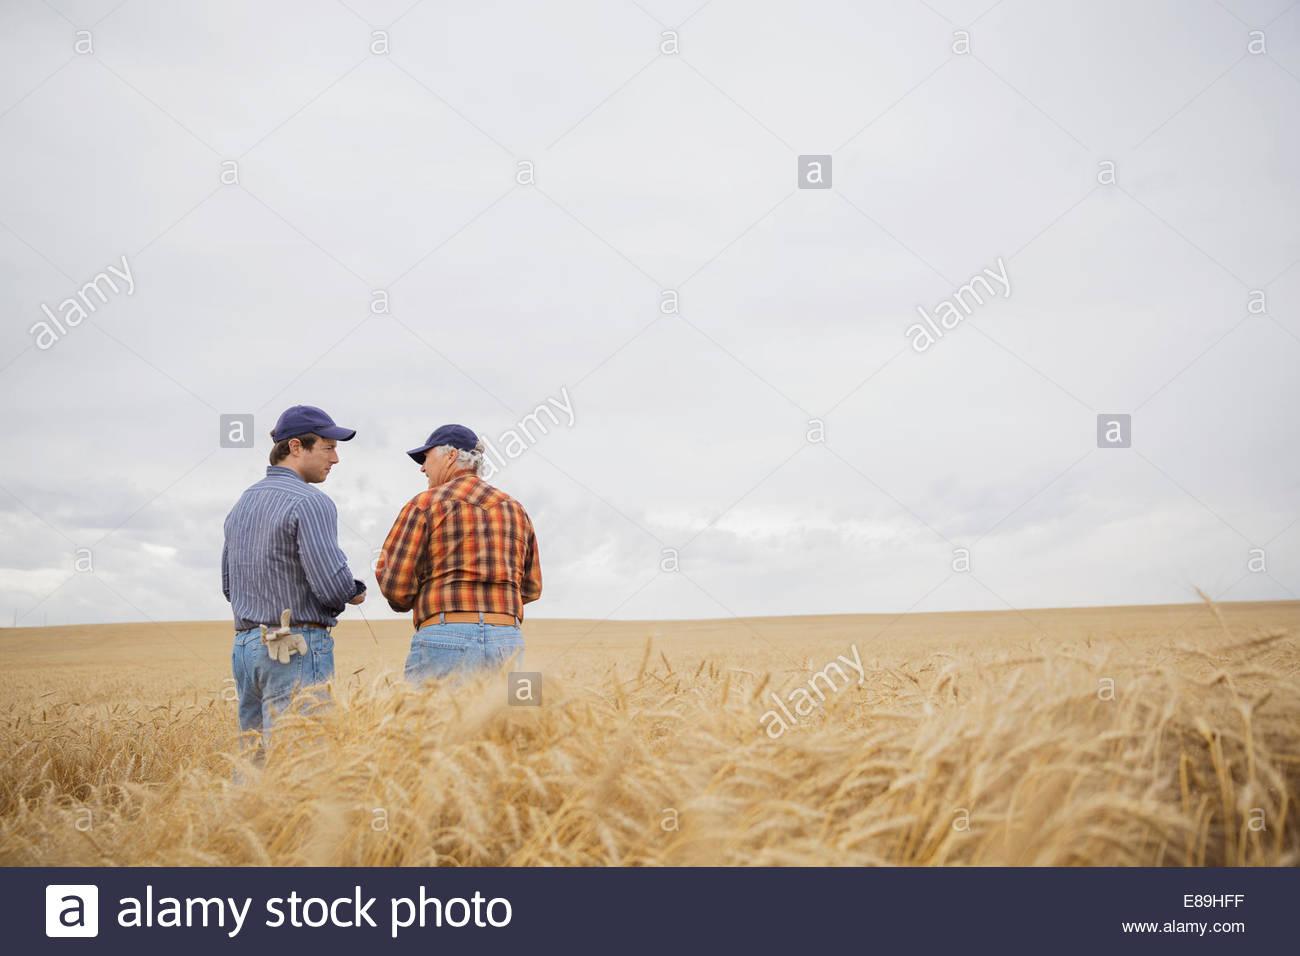 Farmers talking in wheat field - Stock Image